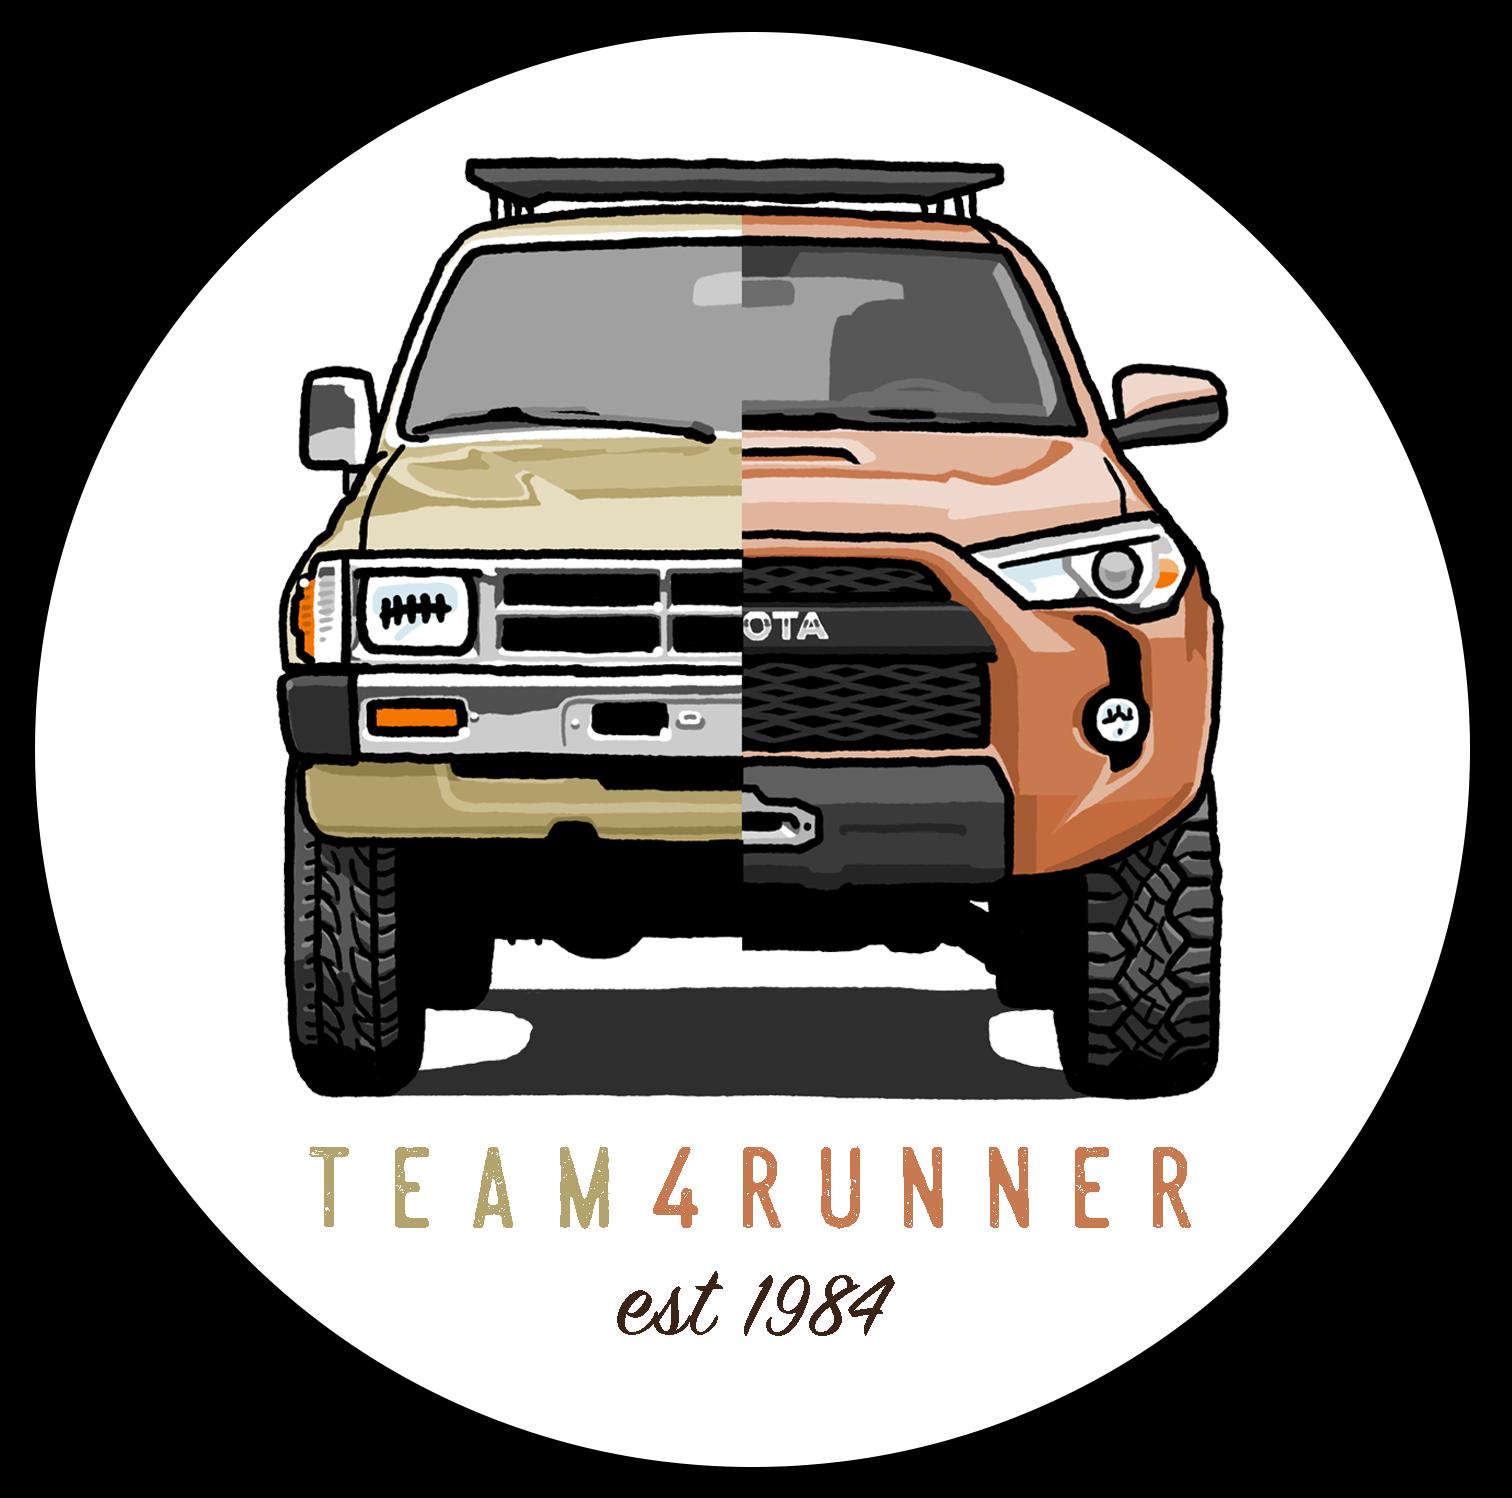 Heritage Sticker 4runner Toyota 4runner Toyota Runner